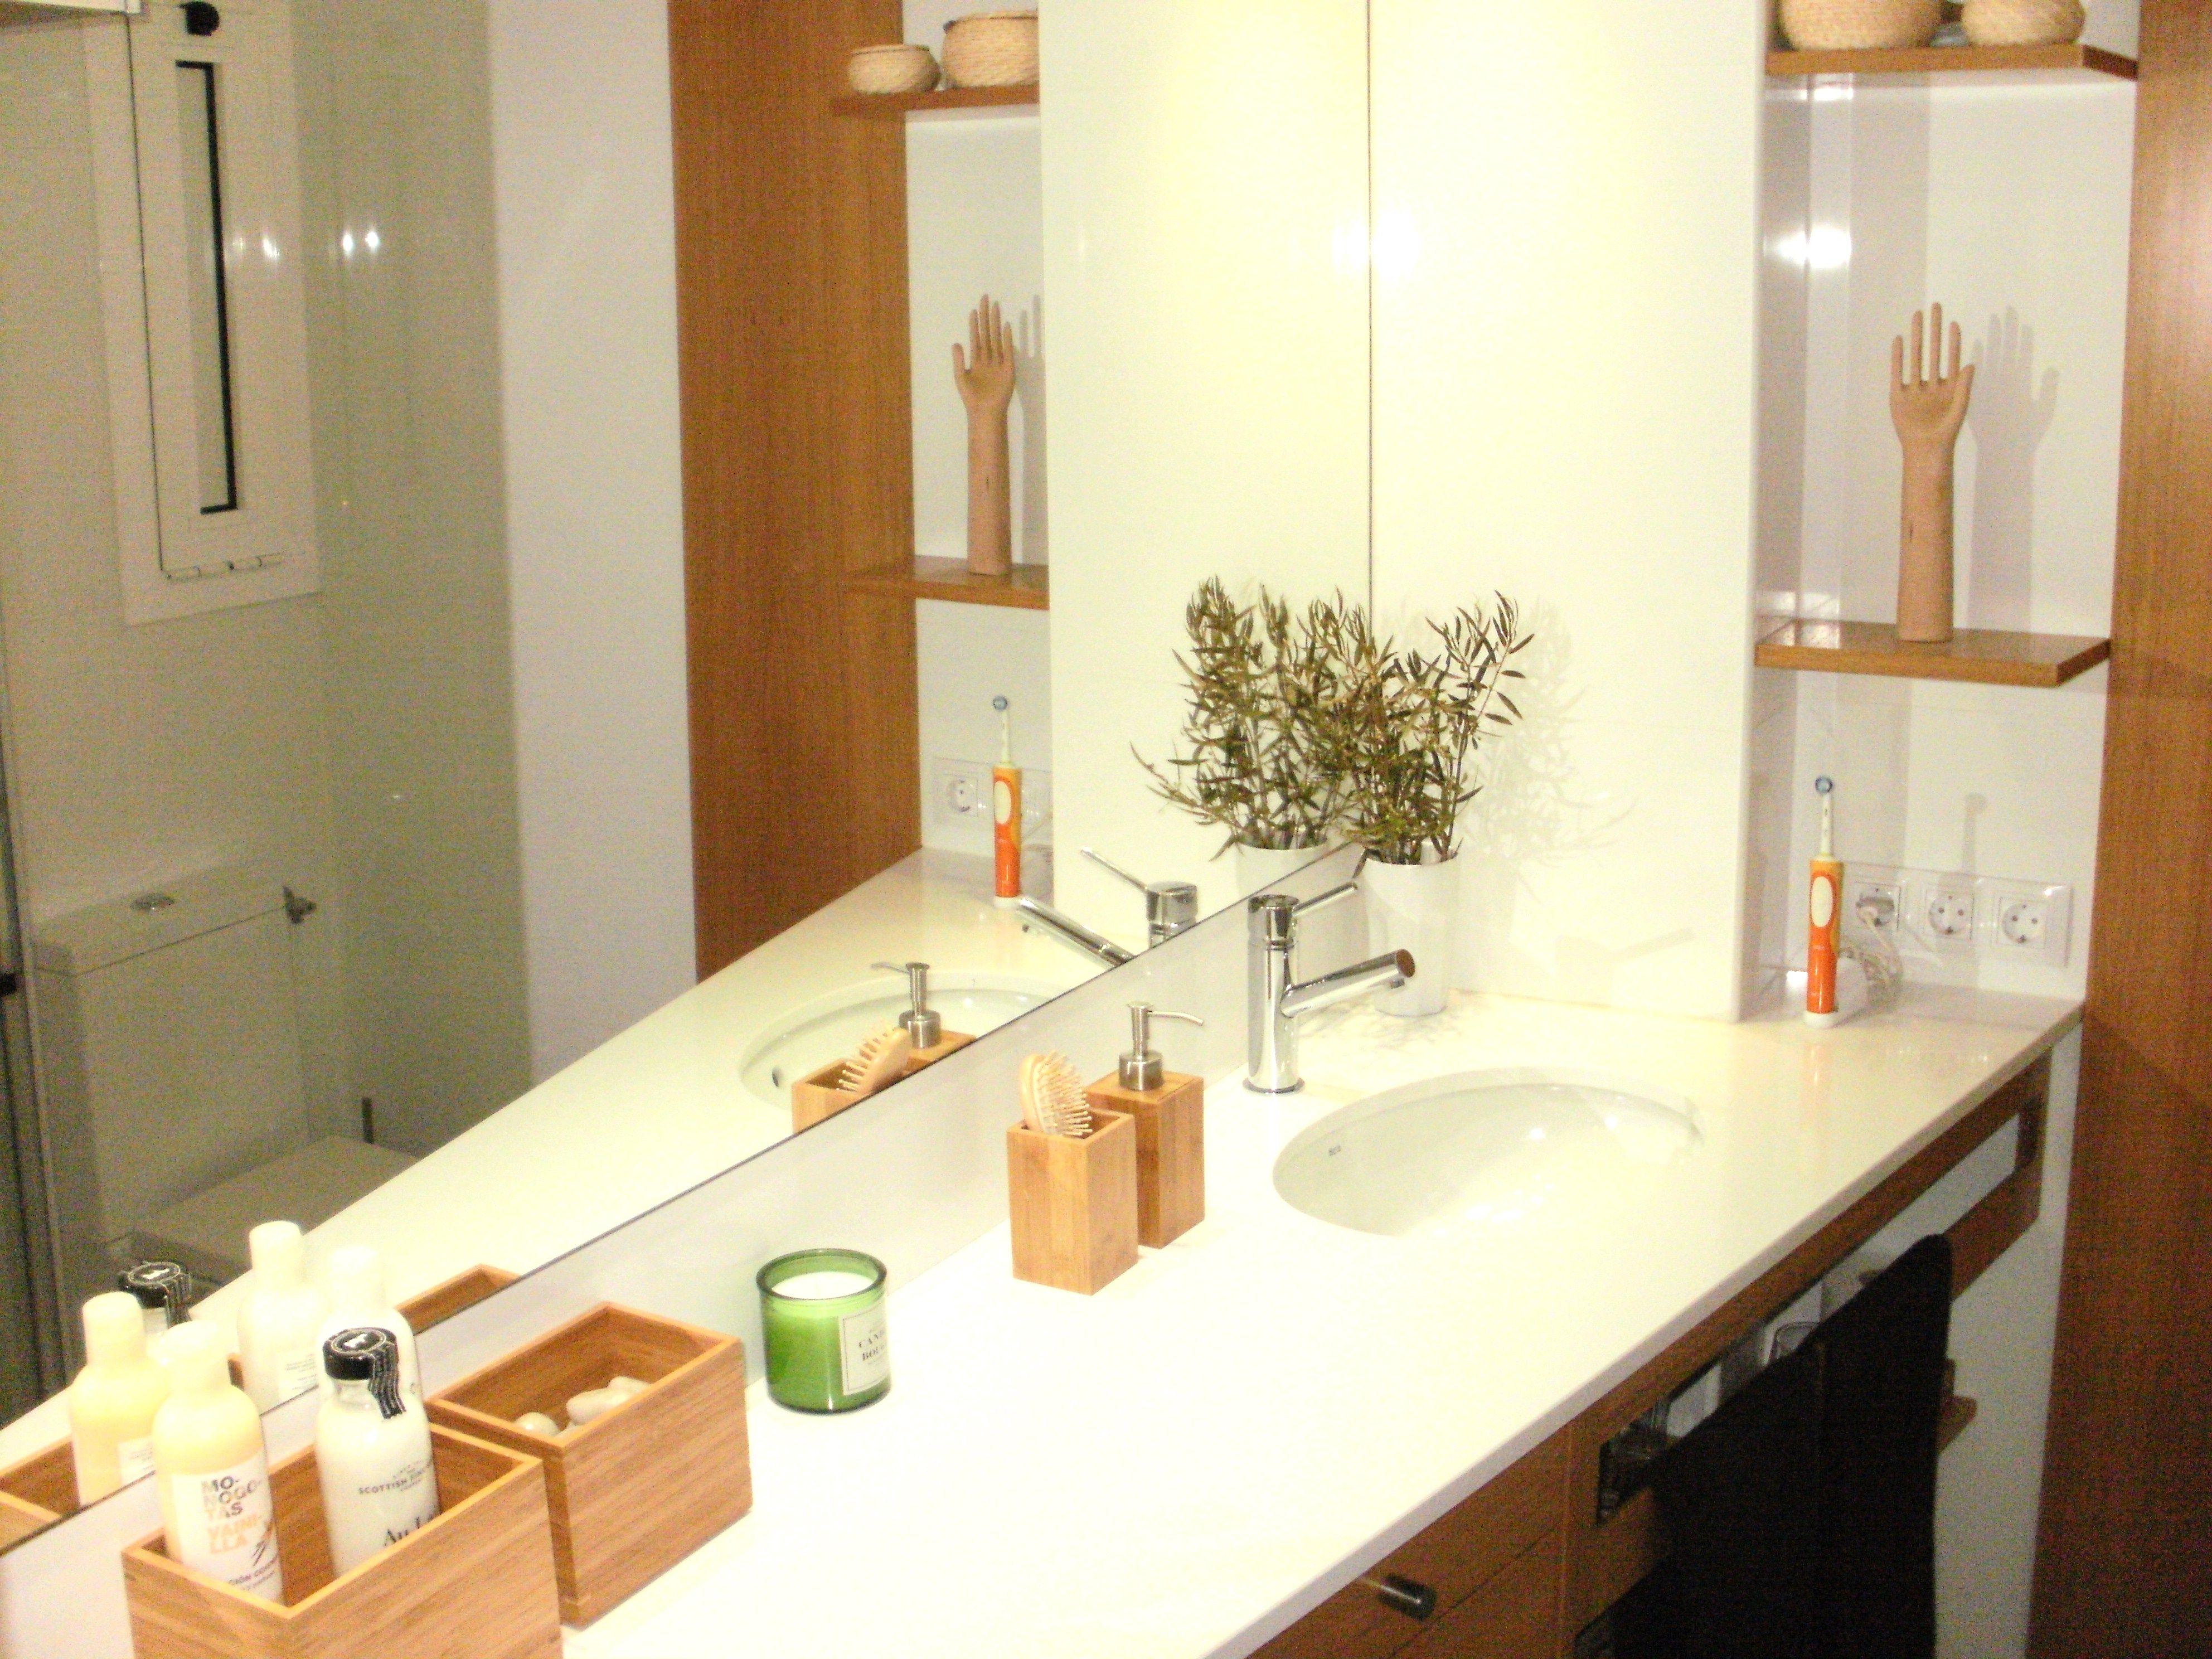 Detalles como ramos, cajas y velas llenan de vida al baño